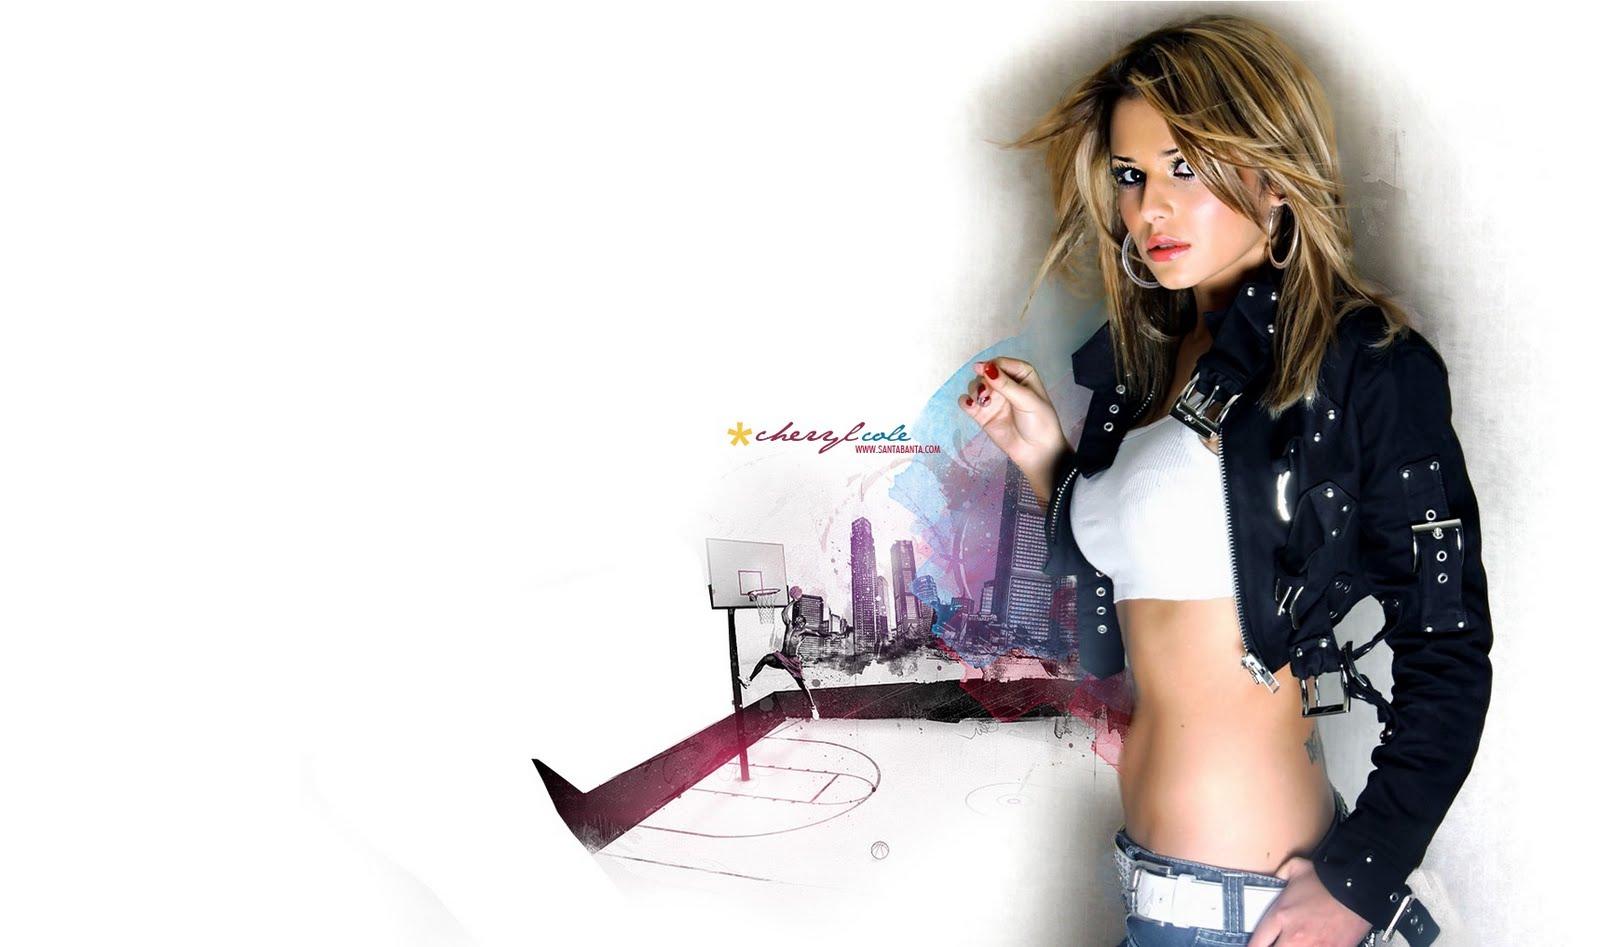 http://2.bp.blogspot.com/-UaETnl3wtcU/Tmc_QpyzE8I/AAAAAAAACDk/ry_PUM-uRUQ/s1600/Hot+Cheryl+Cole+Pictures+%25286%2529.jpg